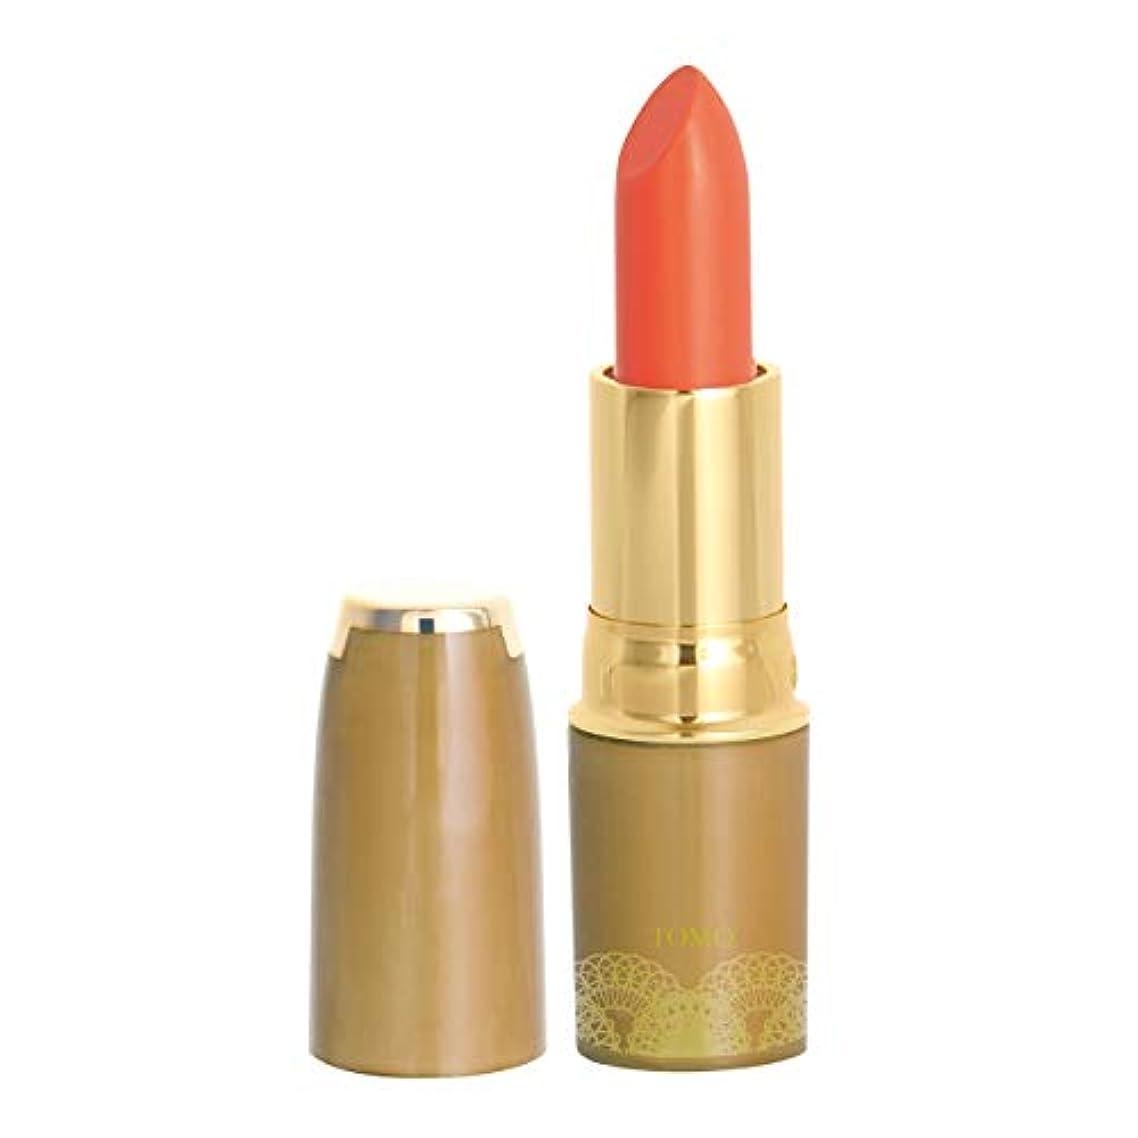 安心 安全 低刺激 食用色素からできた口紅 ナチュレリップカラー LC-03 (コーラルオレンジ) 全6色